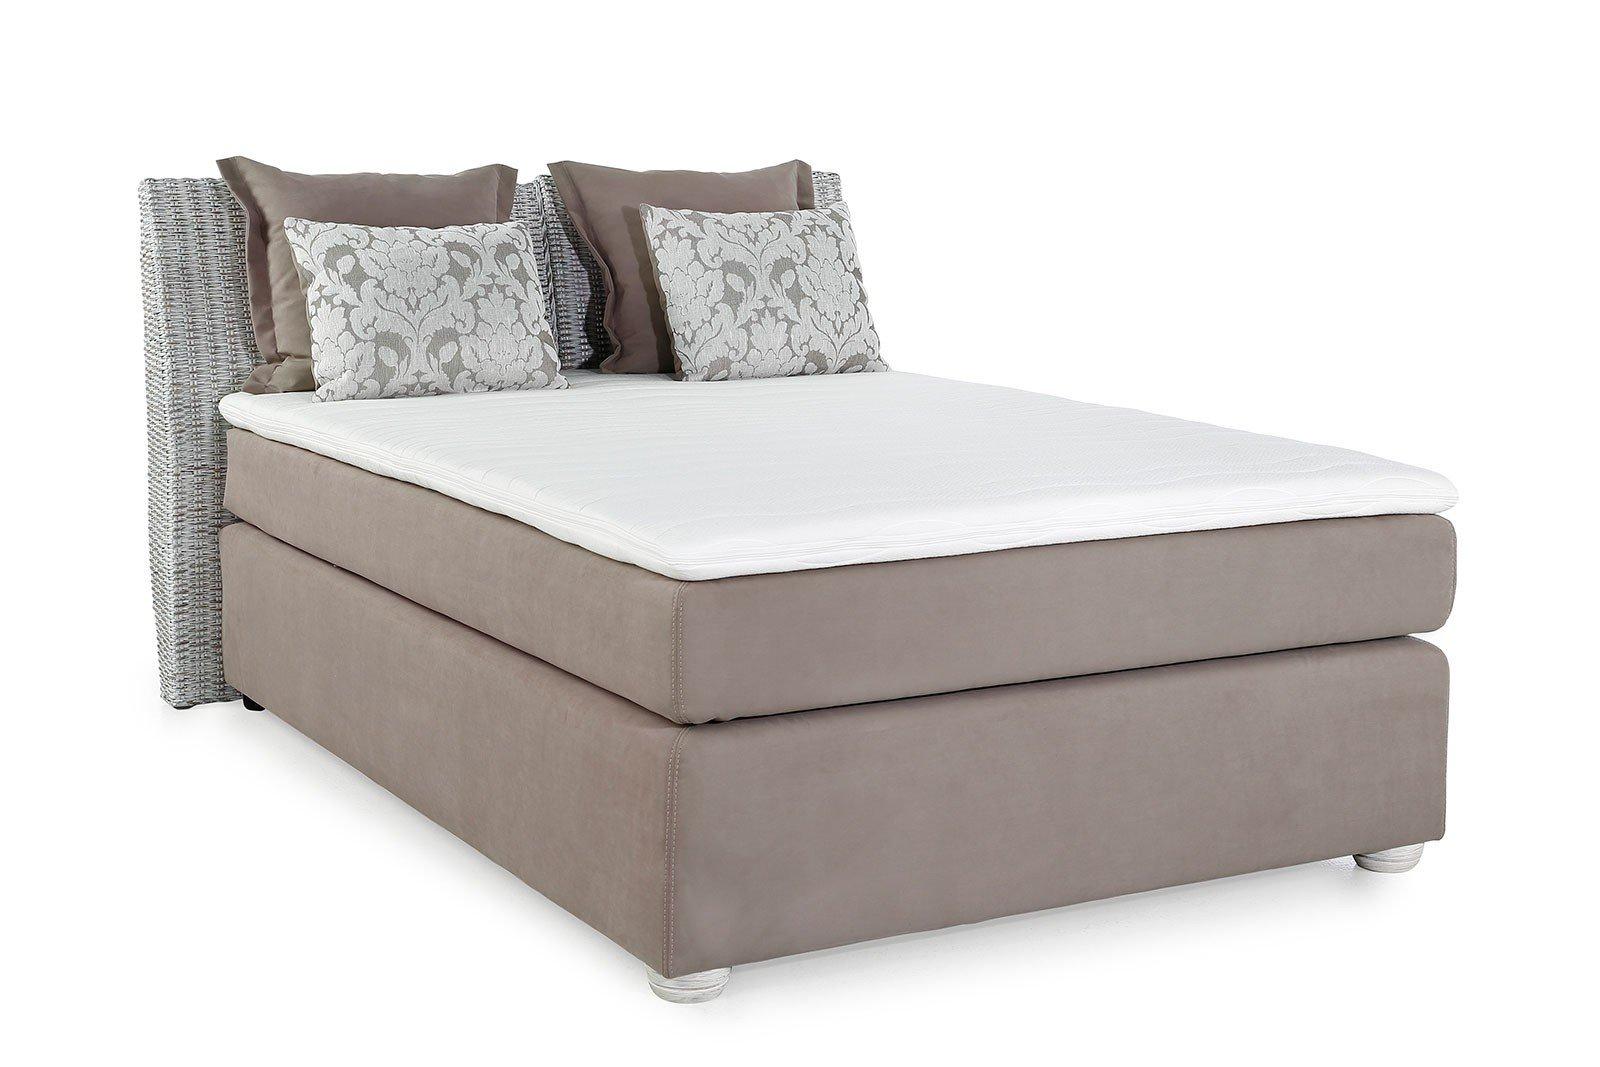 skandinavisches boxspringbett katrina in beige mit rattan kopfteil m bel letz ihr online shop. Black Bedroom Furniture Sets. Home Design Ideas